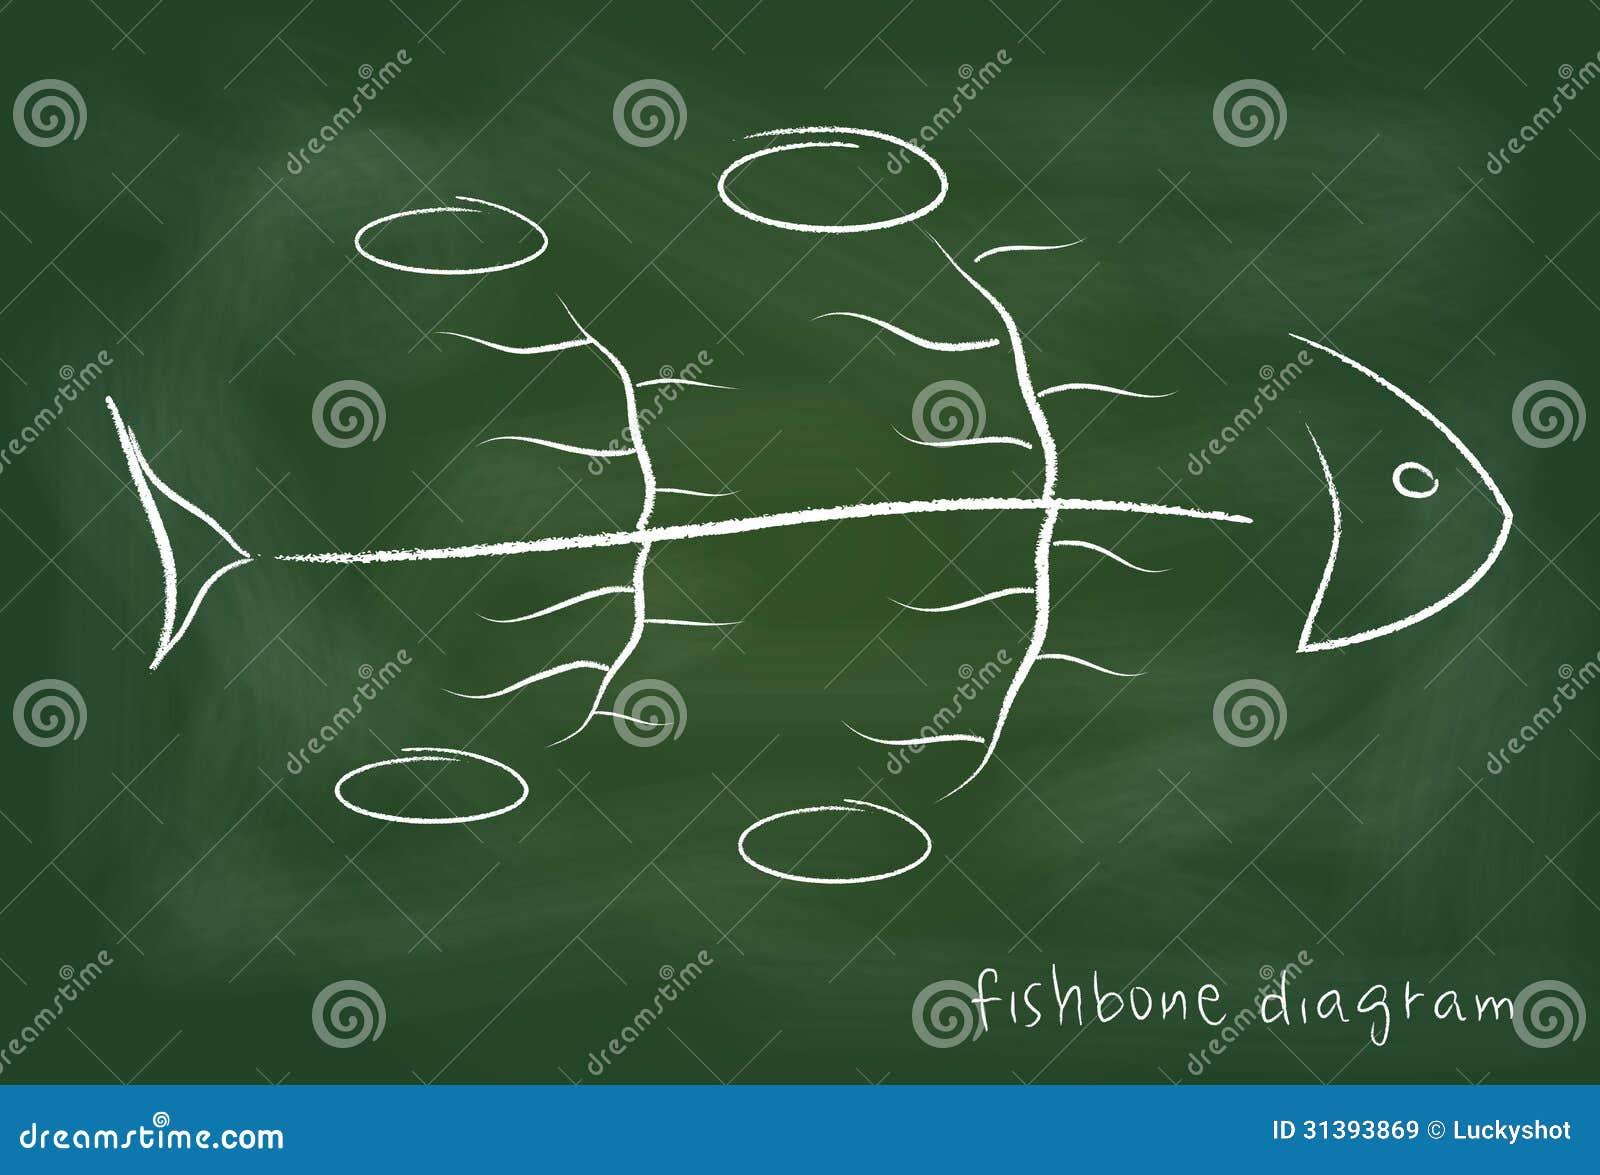 Diagramme causal de Fishbone sur le tableau noir